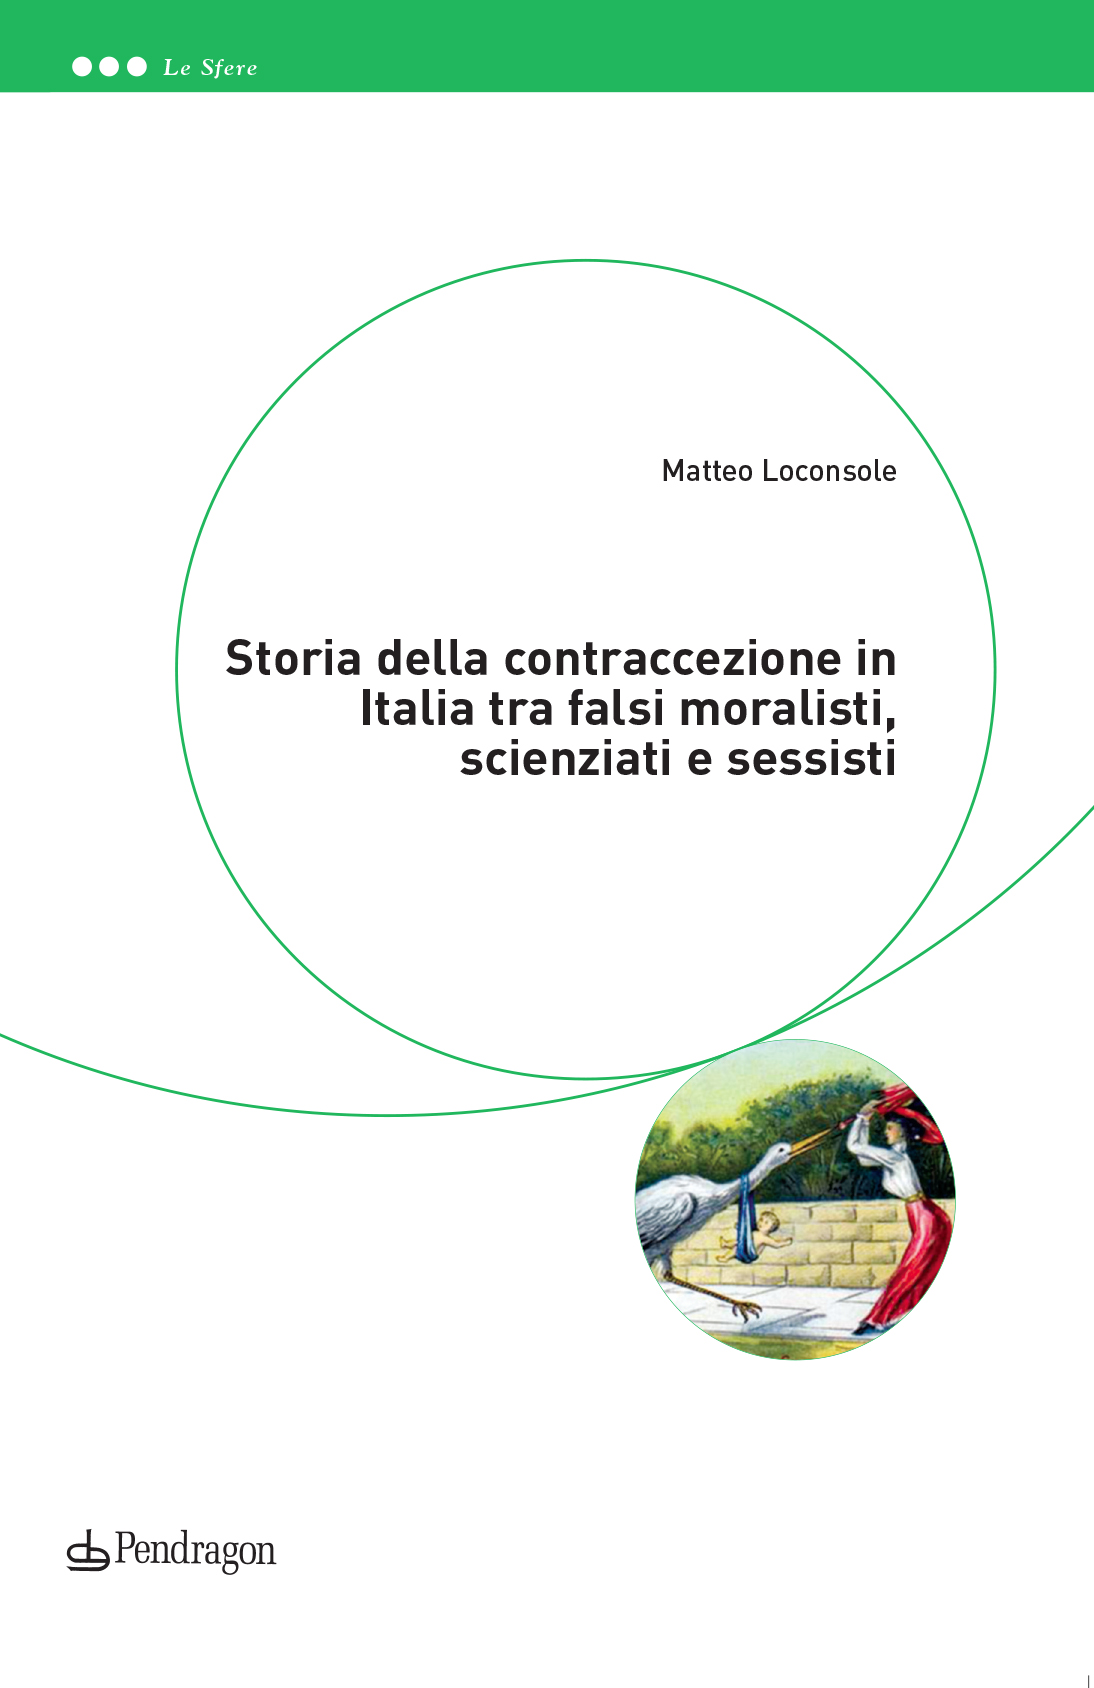 Matteo LOCONSOLE, <em/>Storia della contraccezione in Italia tra falsi moralisti, scienziati e sessisti, Bologna, Pendragon, 2017, 153 pp.